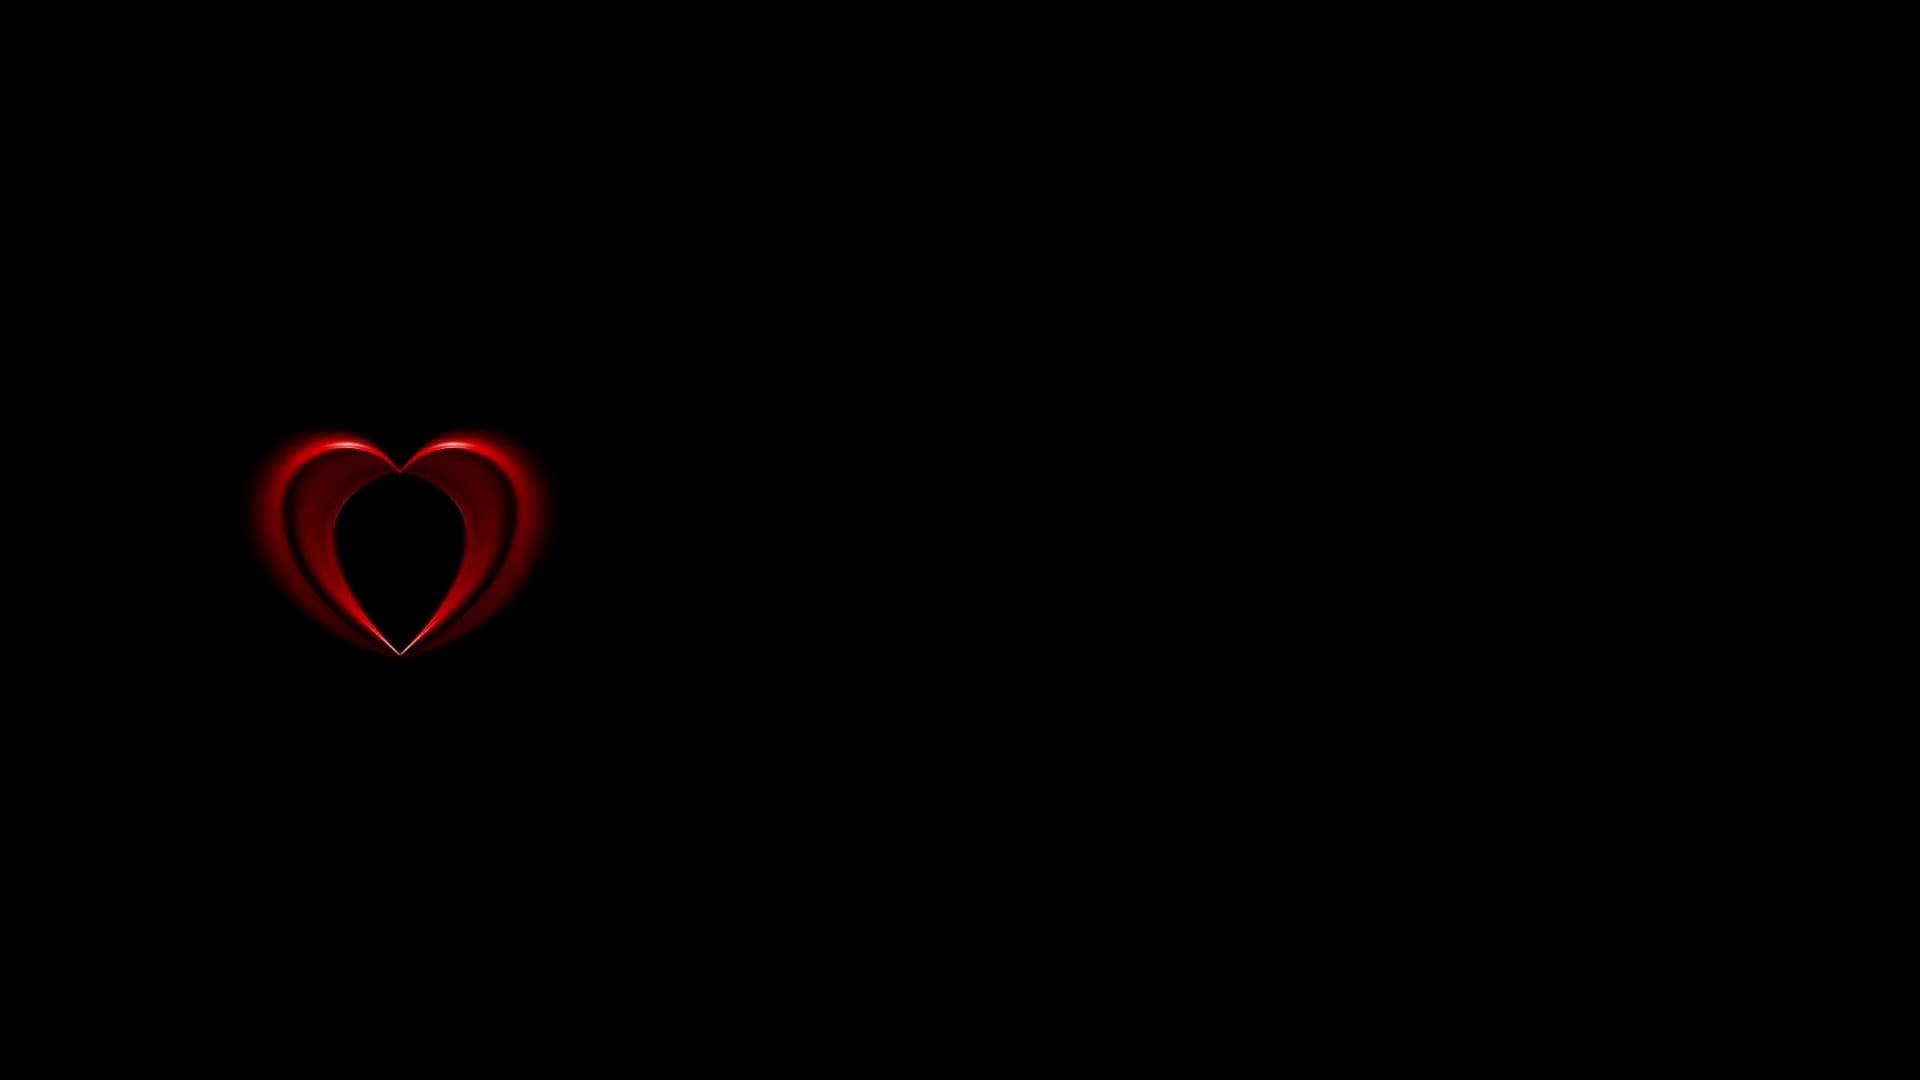 Hình ảnh tim đen